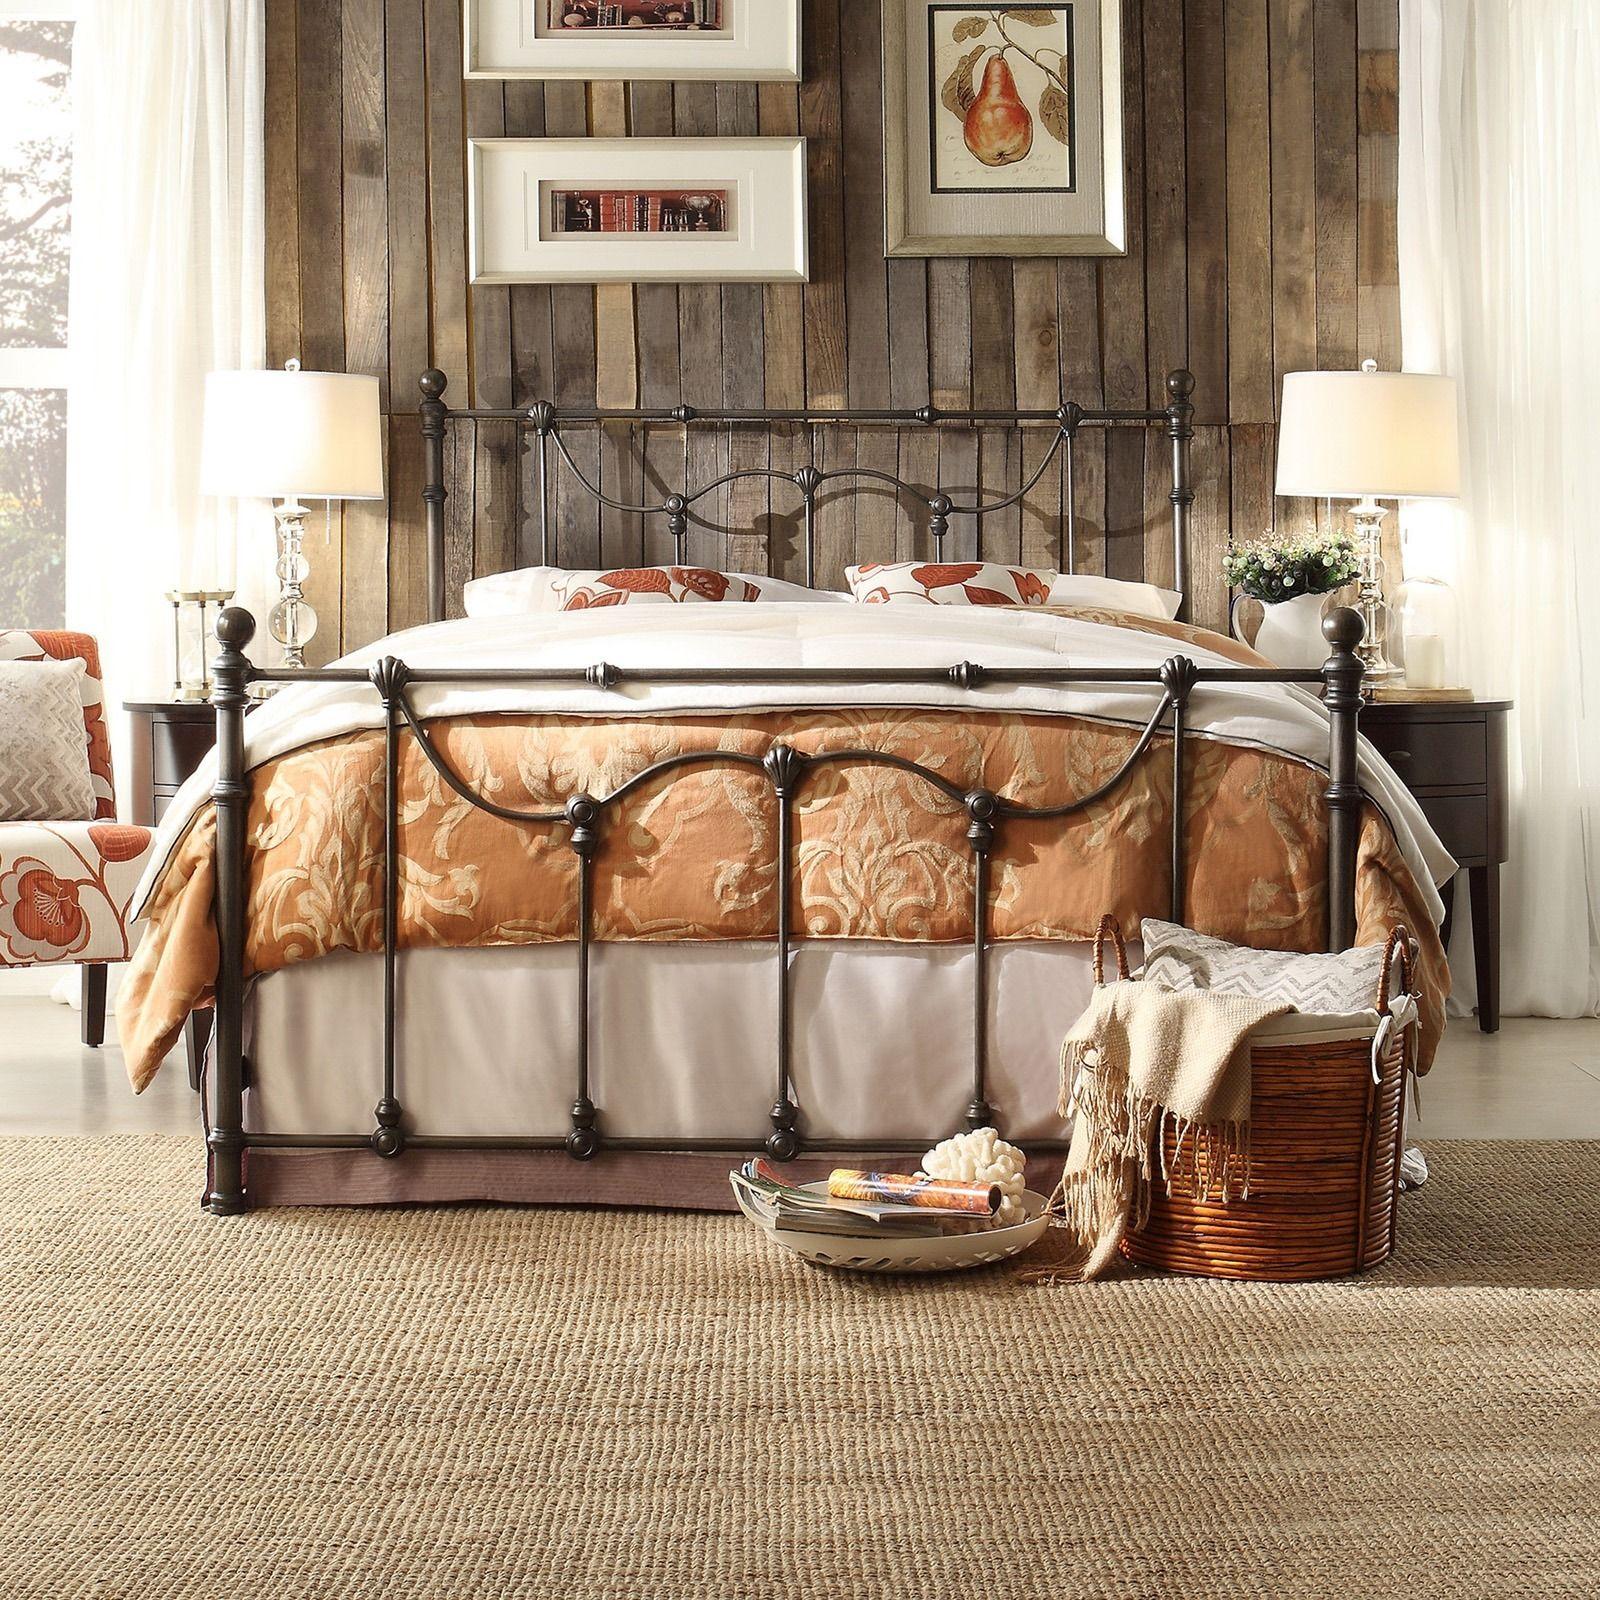 INSPIRE Q Bellwood Dark Bronze Victorian Iron Metal Bed - Overstock  Shopping - Great Deals